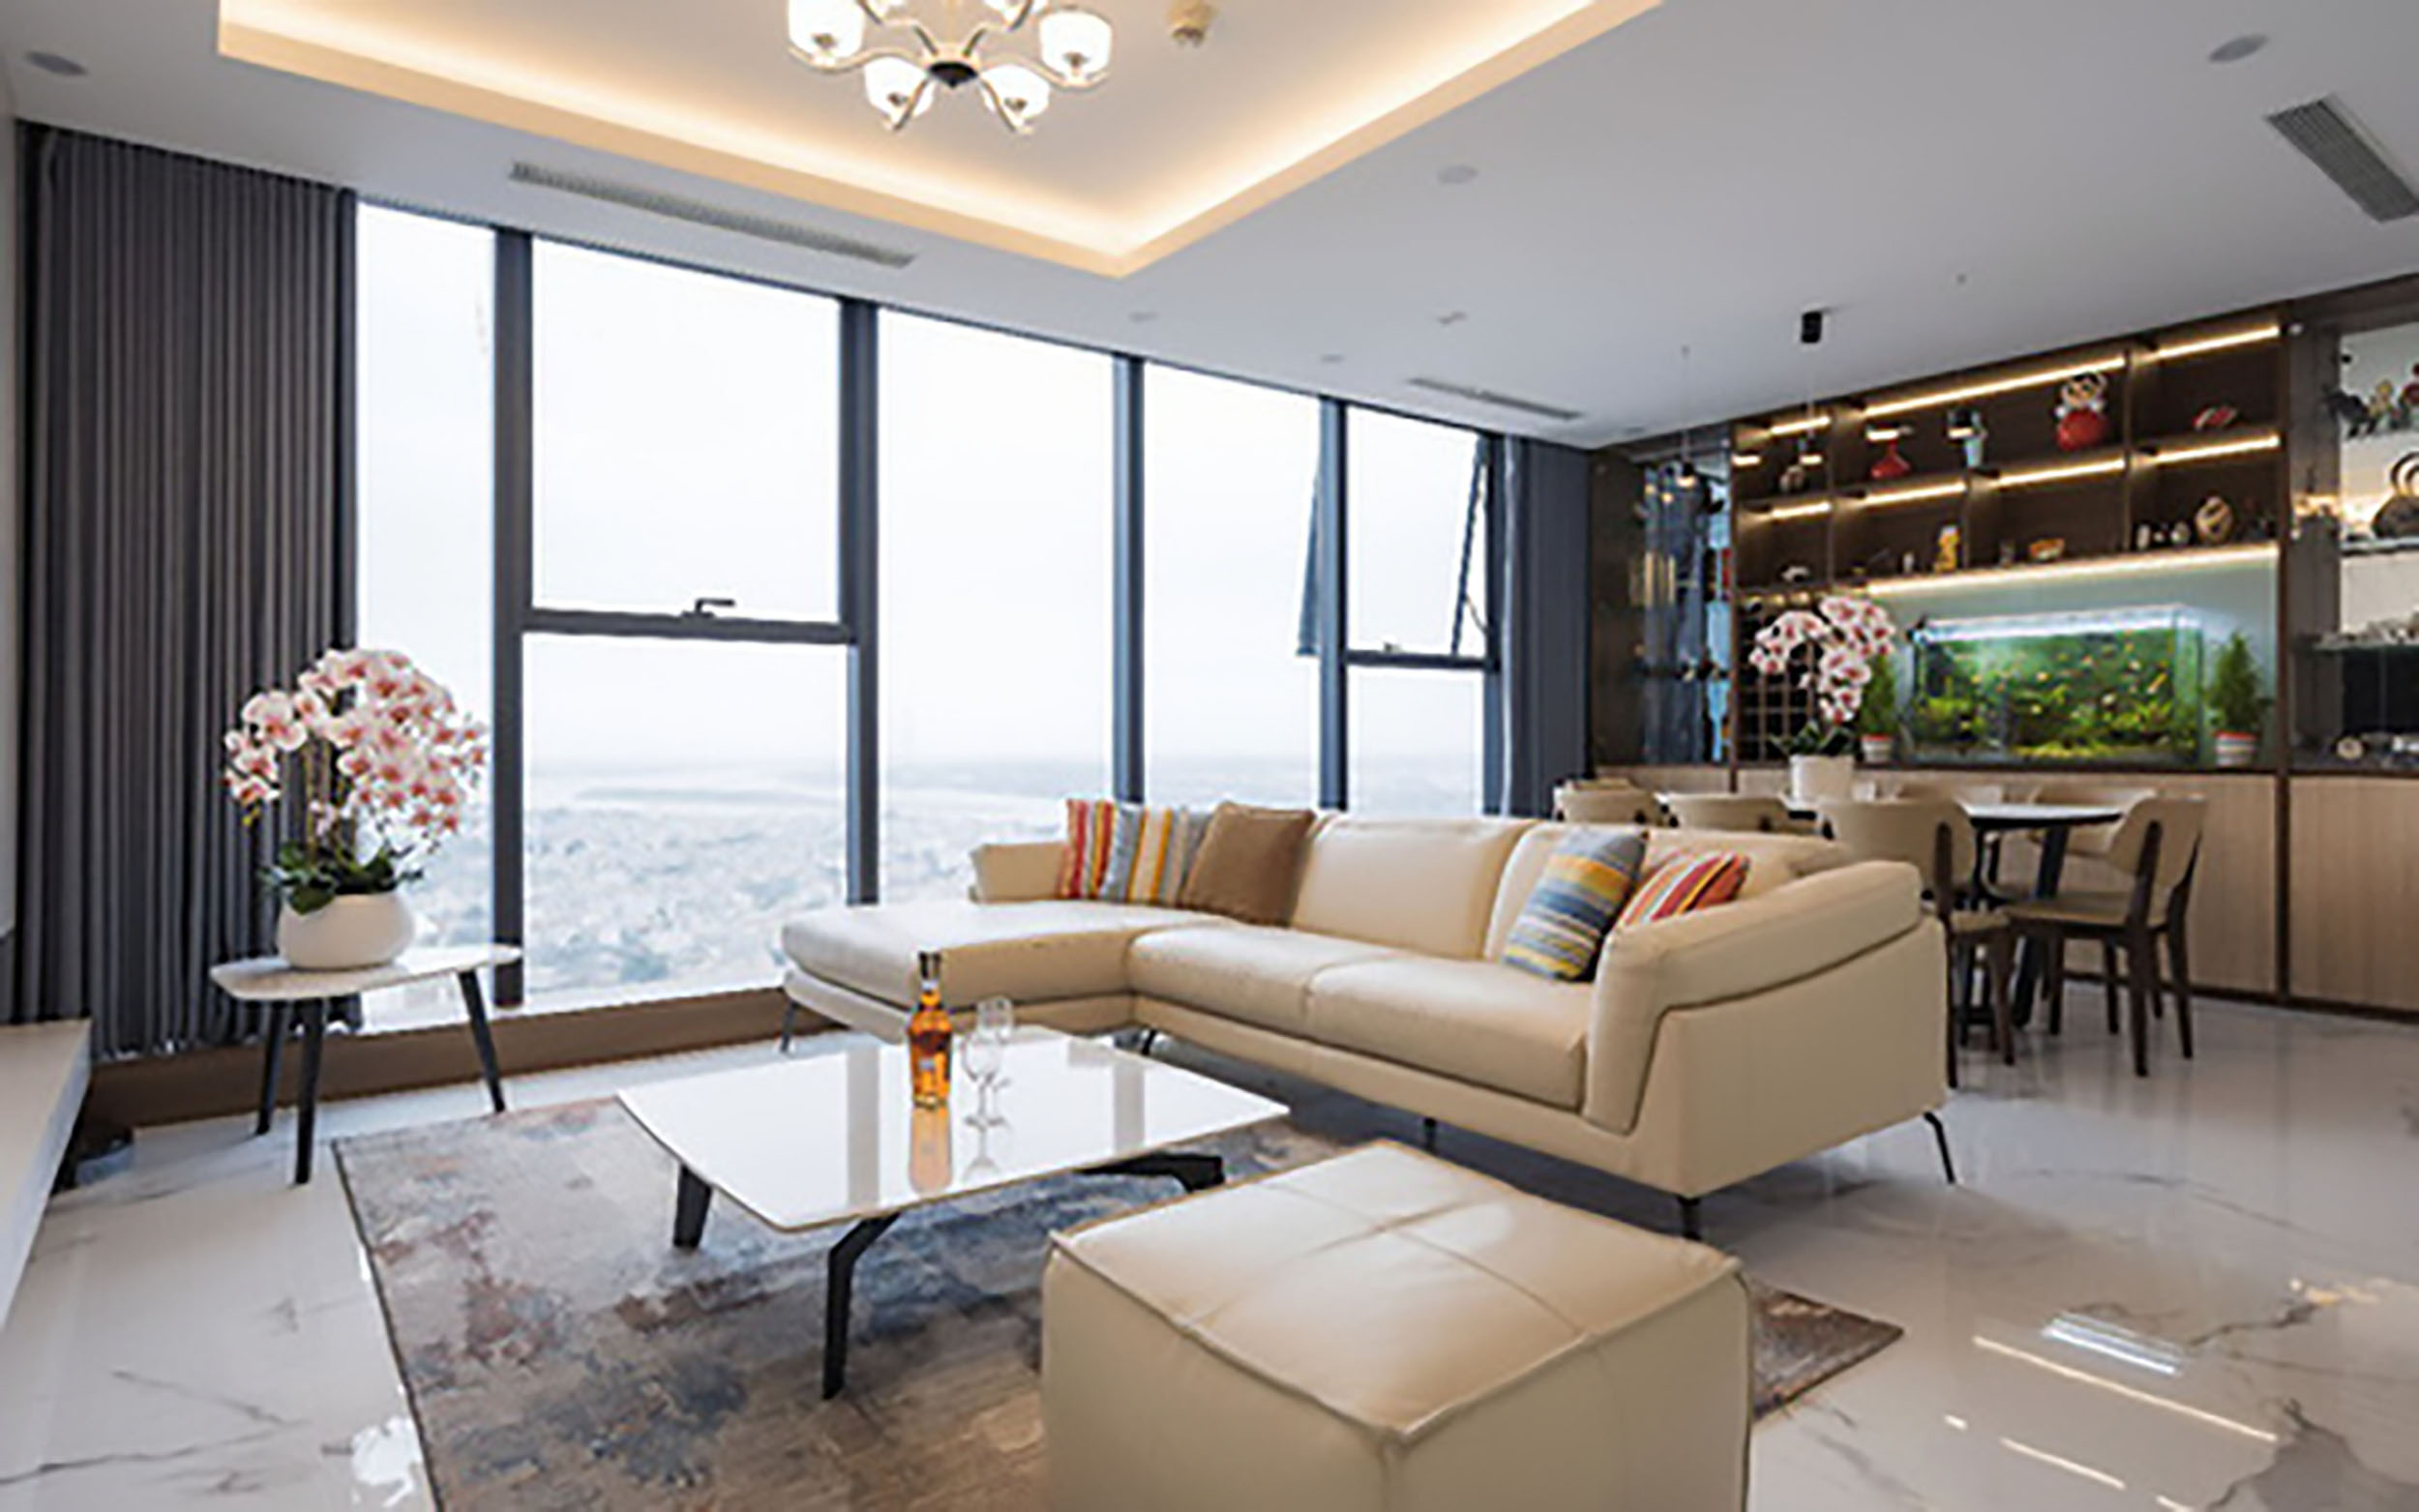 thiết kế nội thất căn hộ Duplex đẹp như mơ